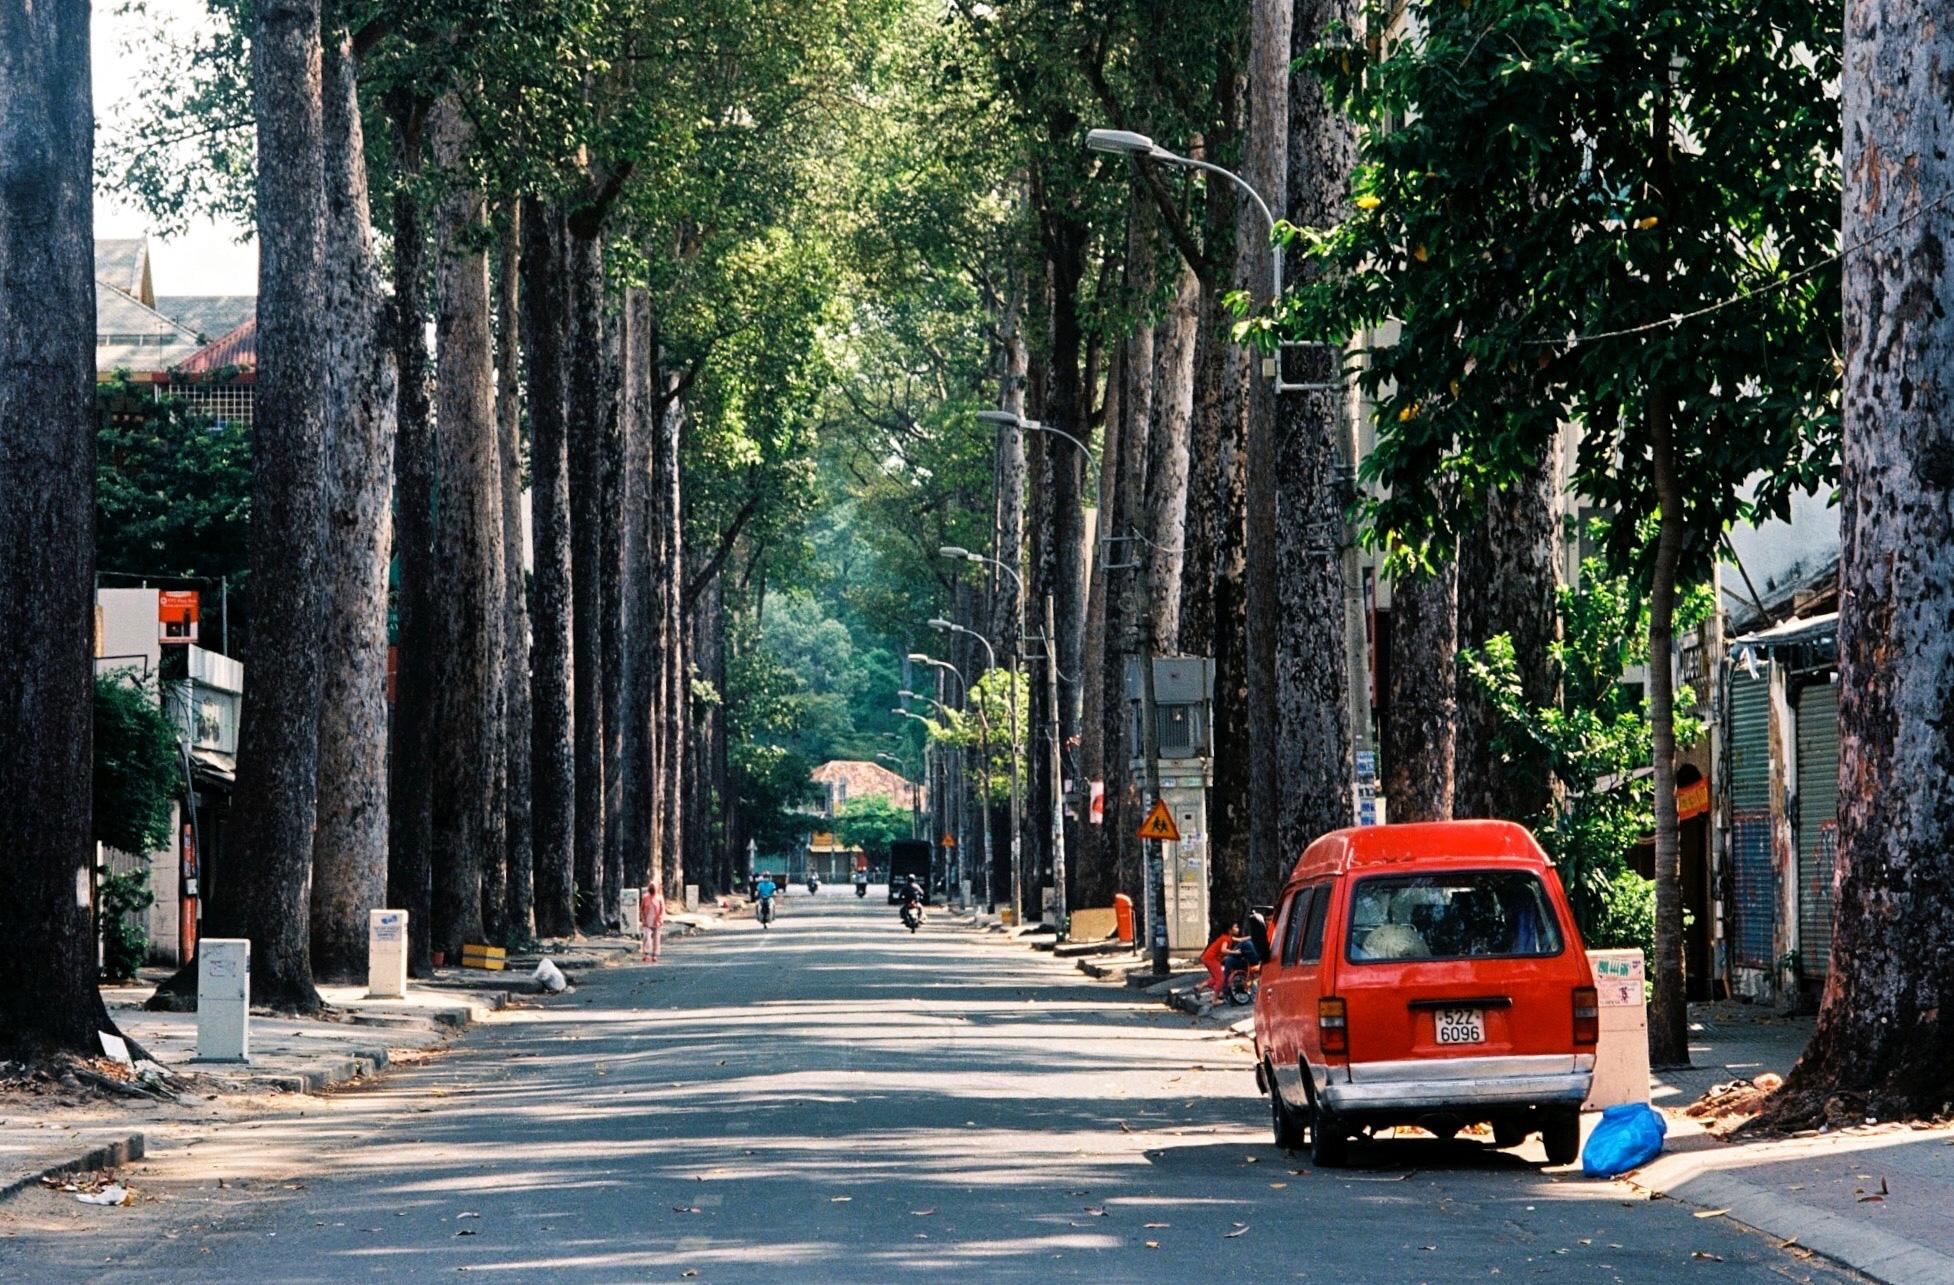 Sài Gòn mùa giao đồ ăn tận nhà và những câu chuyện đầy cảm hứng ấm áp - Ảnh 2.